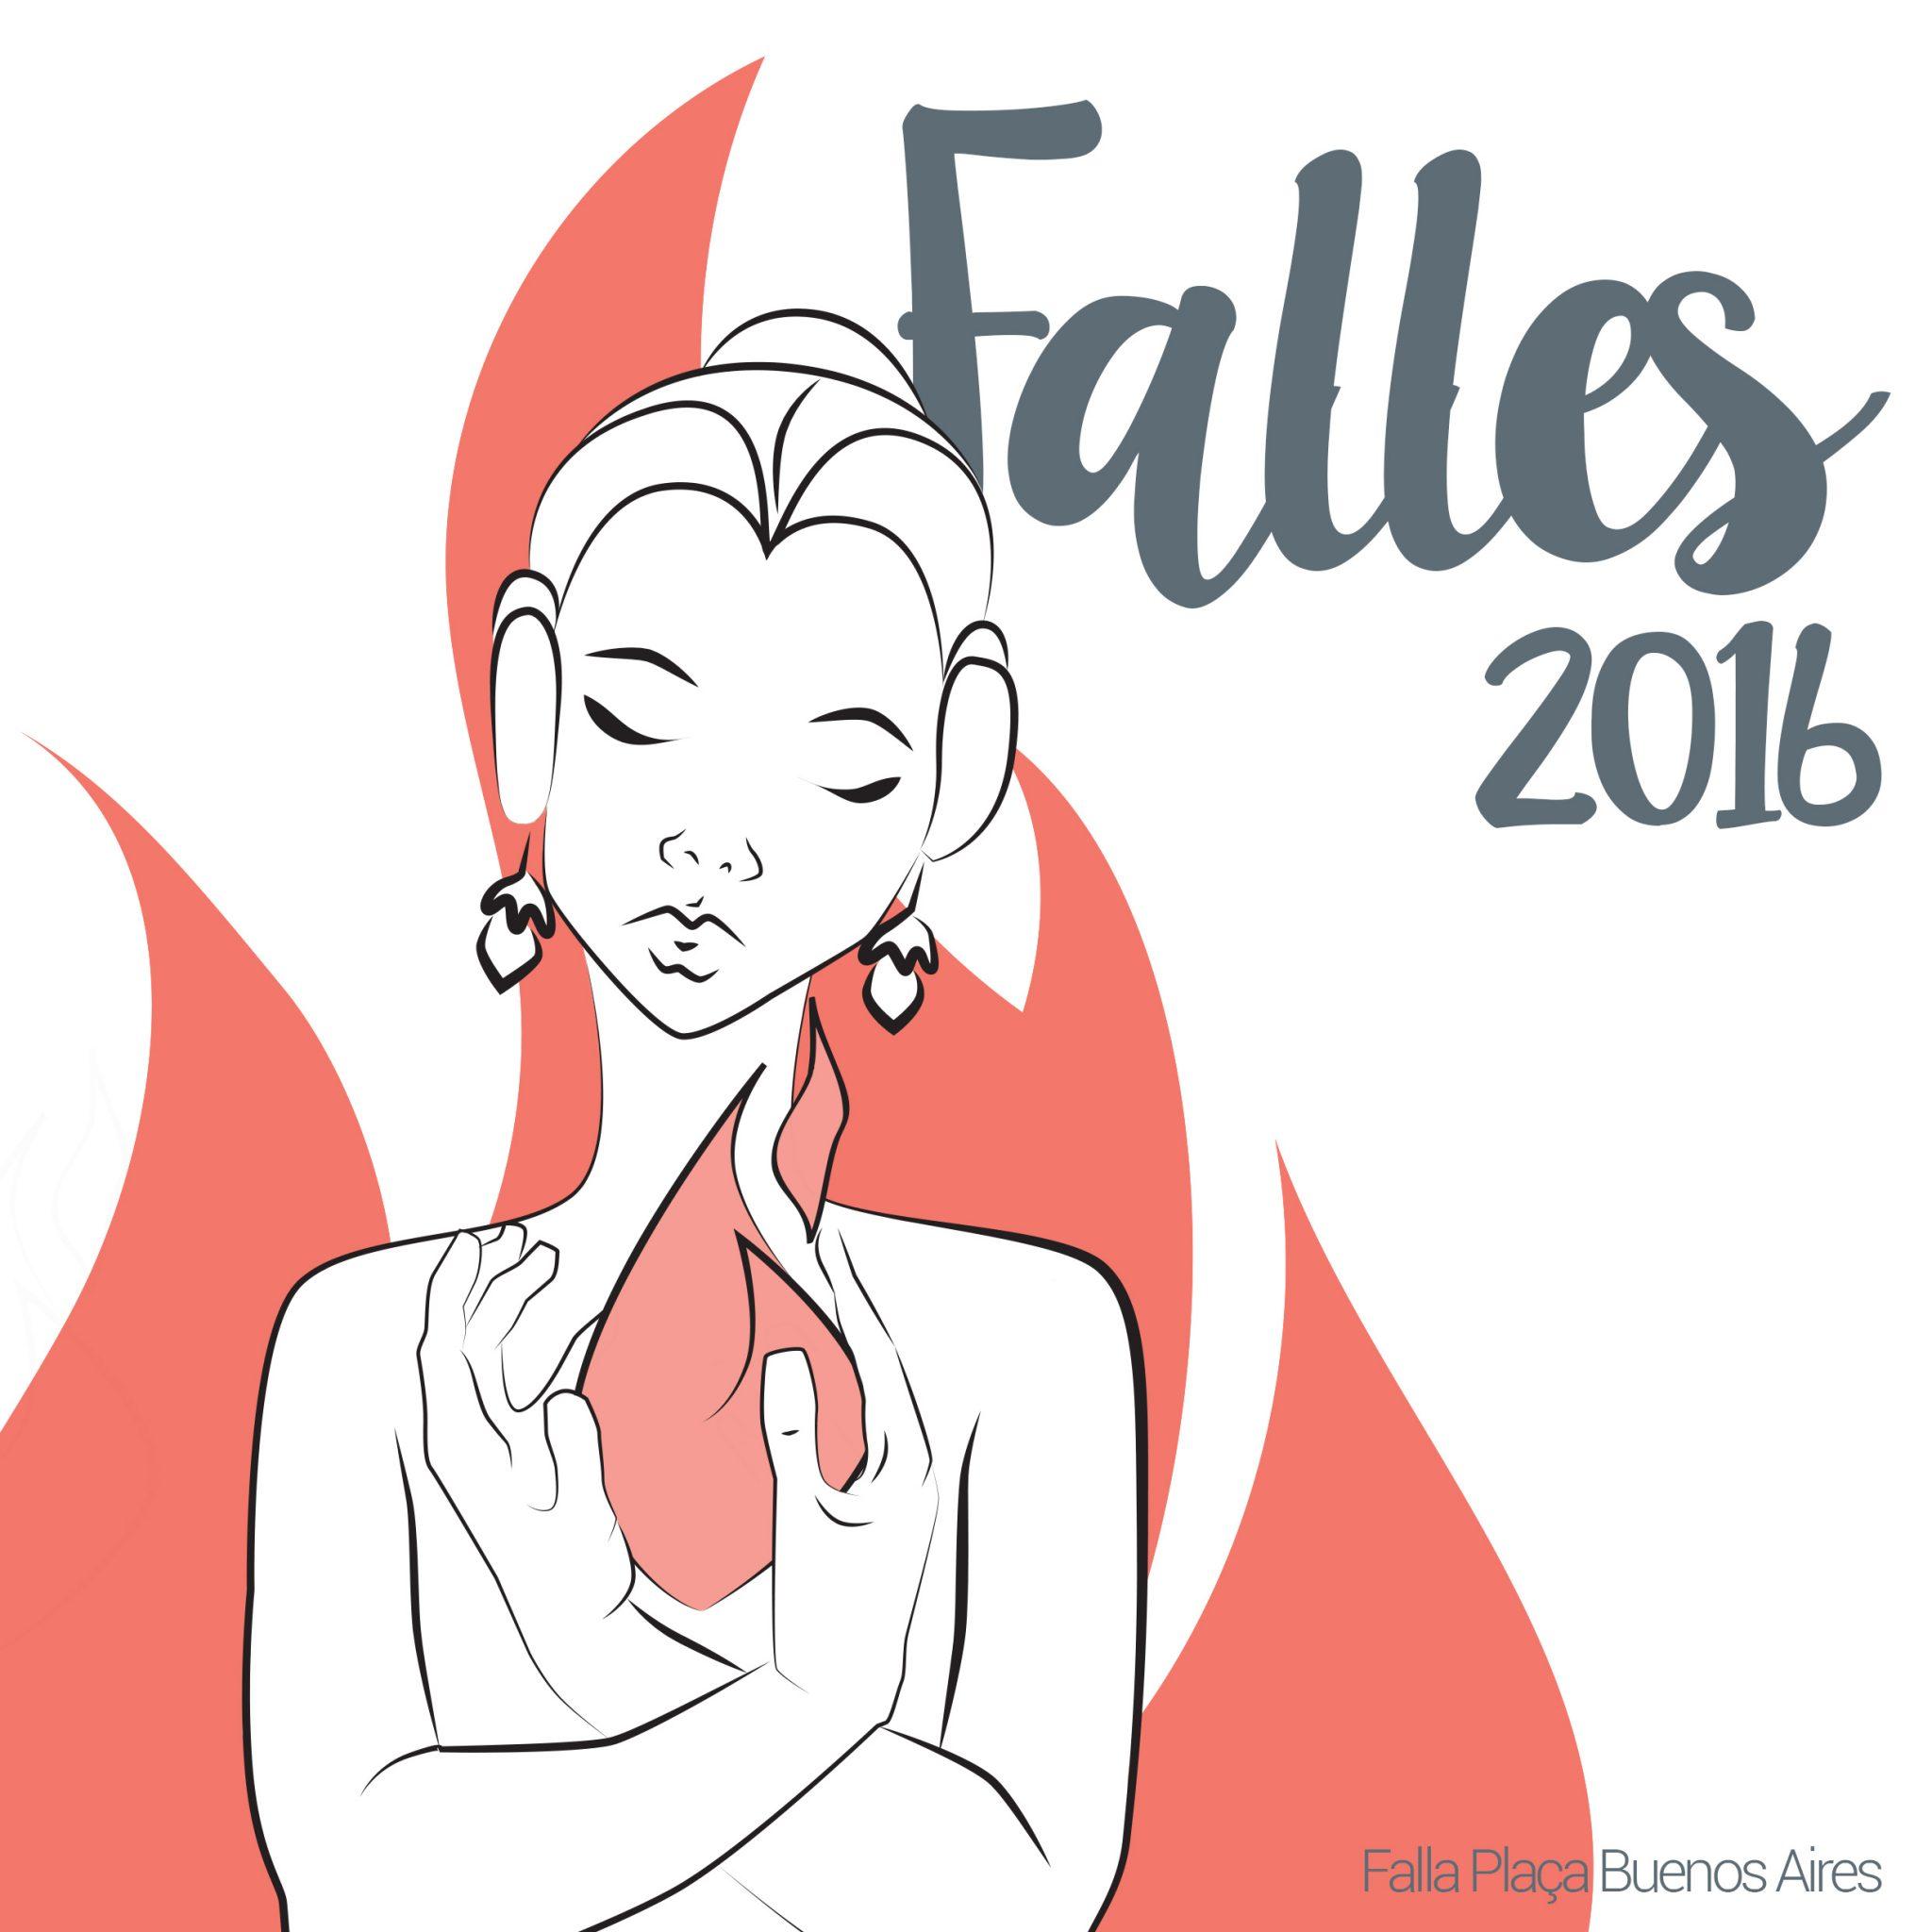 fallas book cover fire tradition illustration fallera